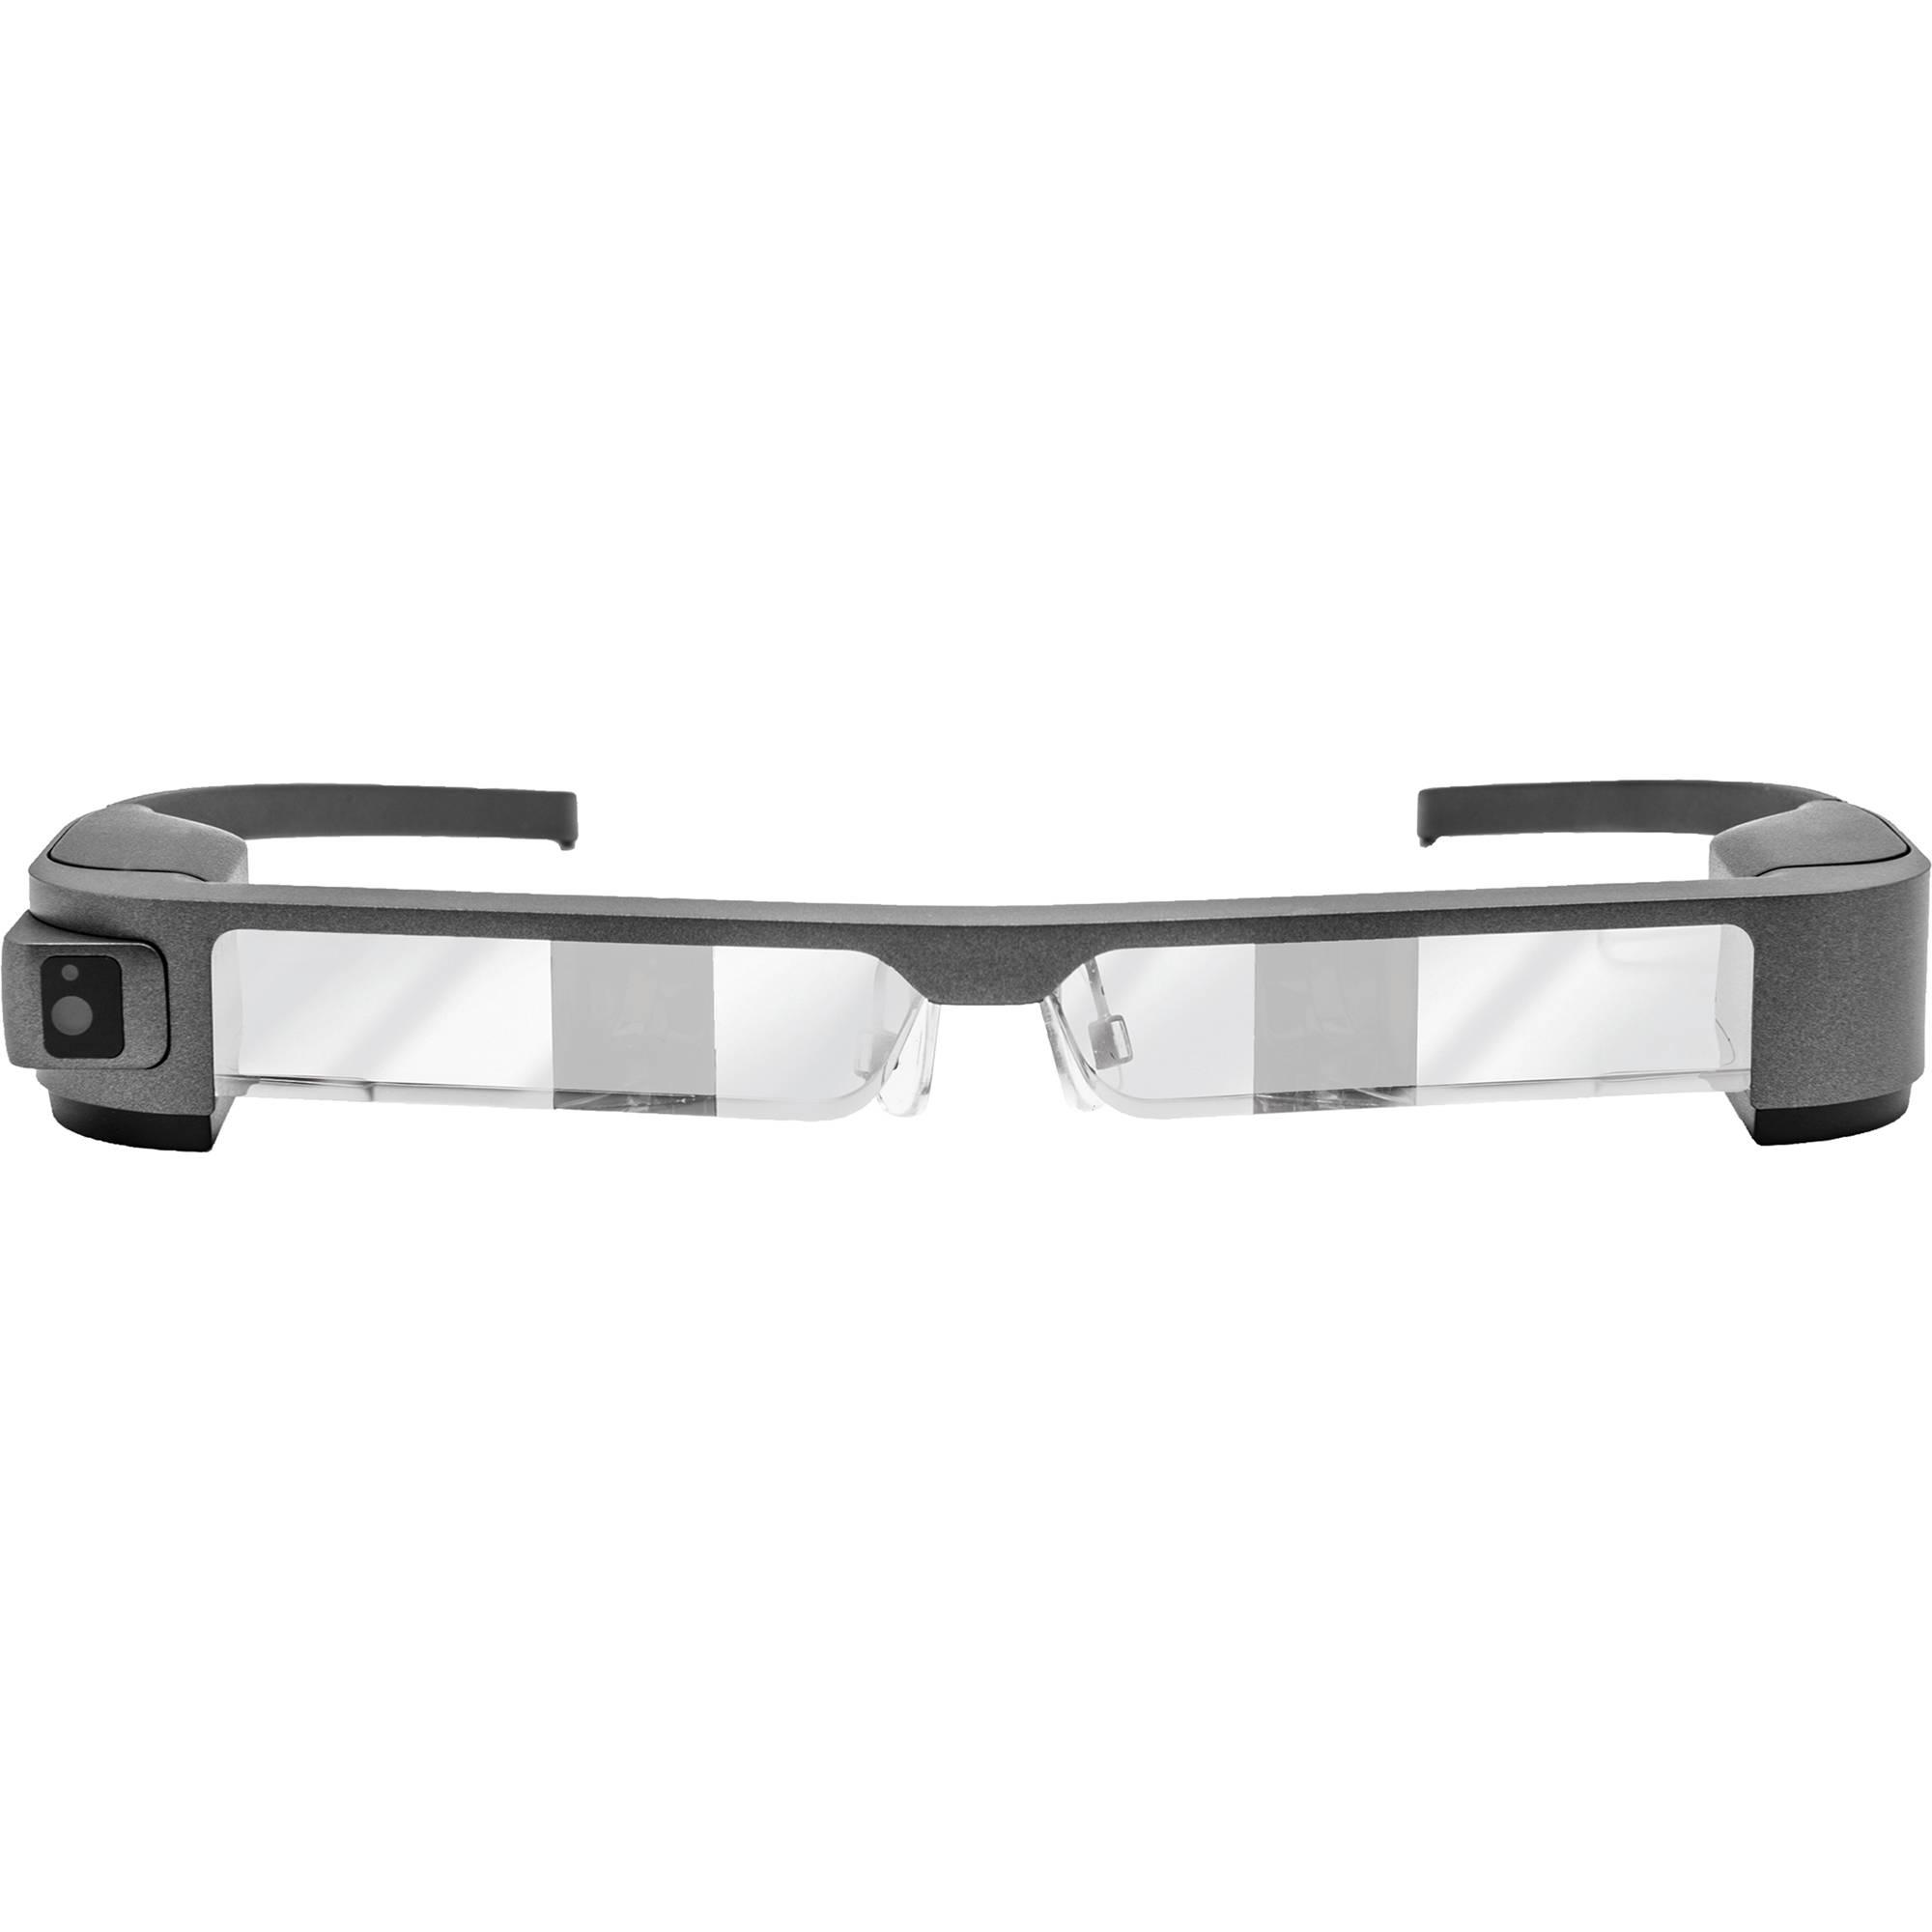 Очки виртуальной реальности Epson Moverio BT-300-1